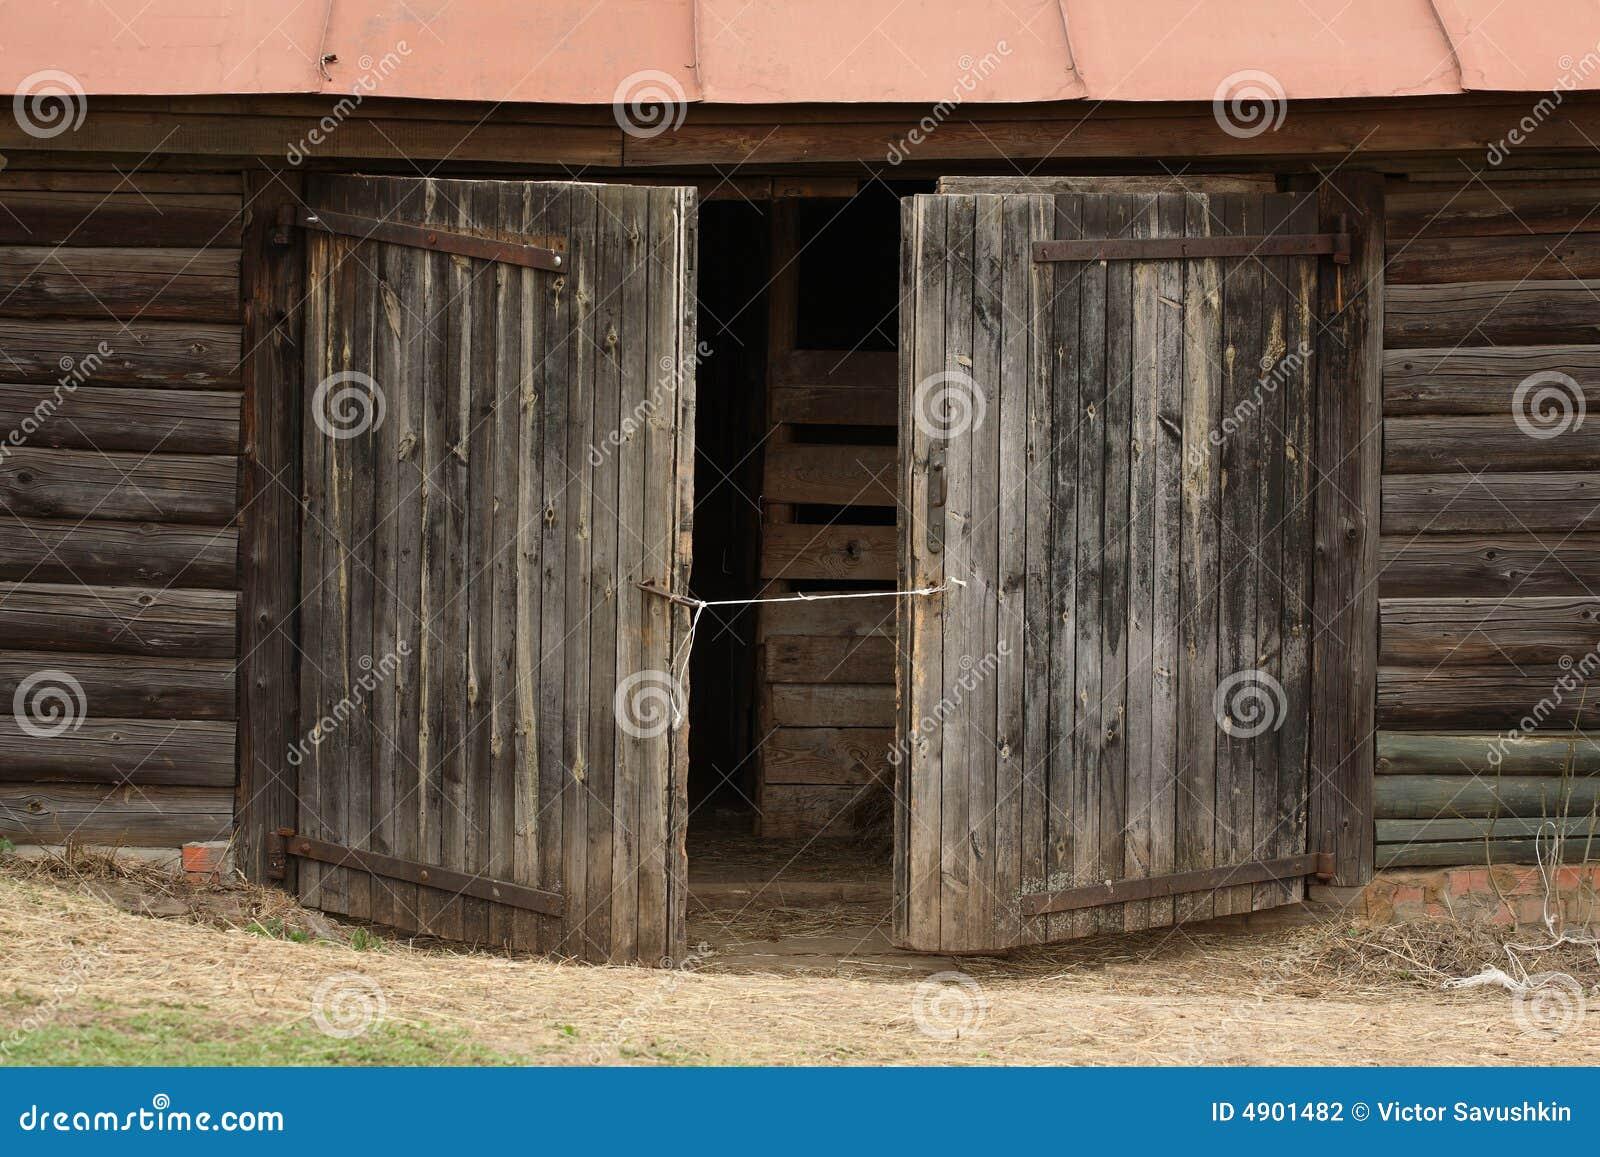 Viejas puertas envejecidas fotograf a de archivo imagen for Puertas viejas